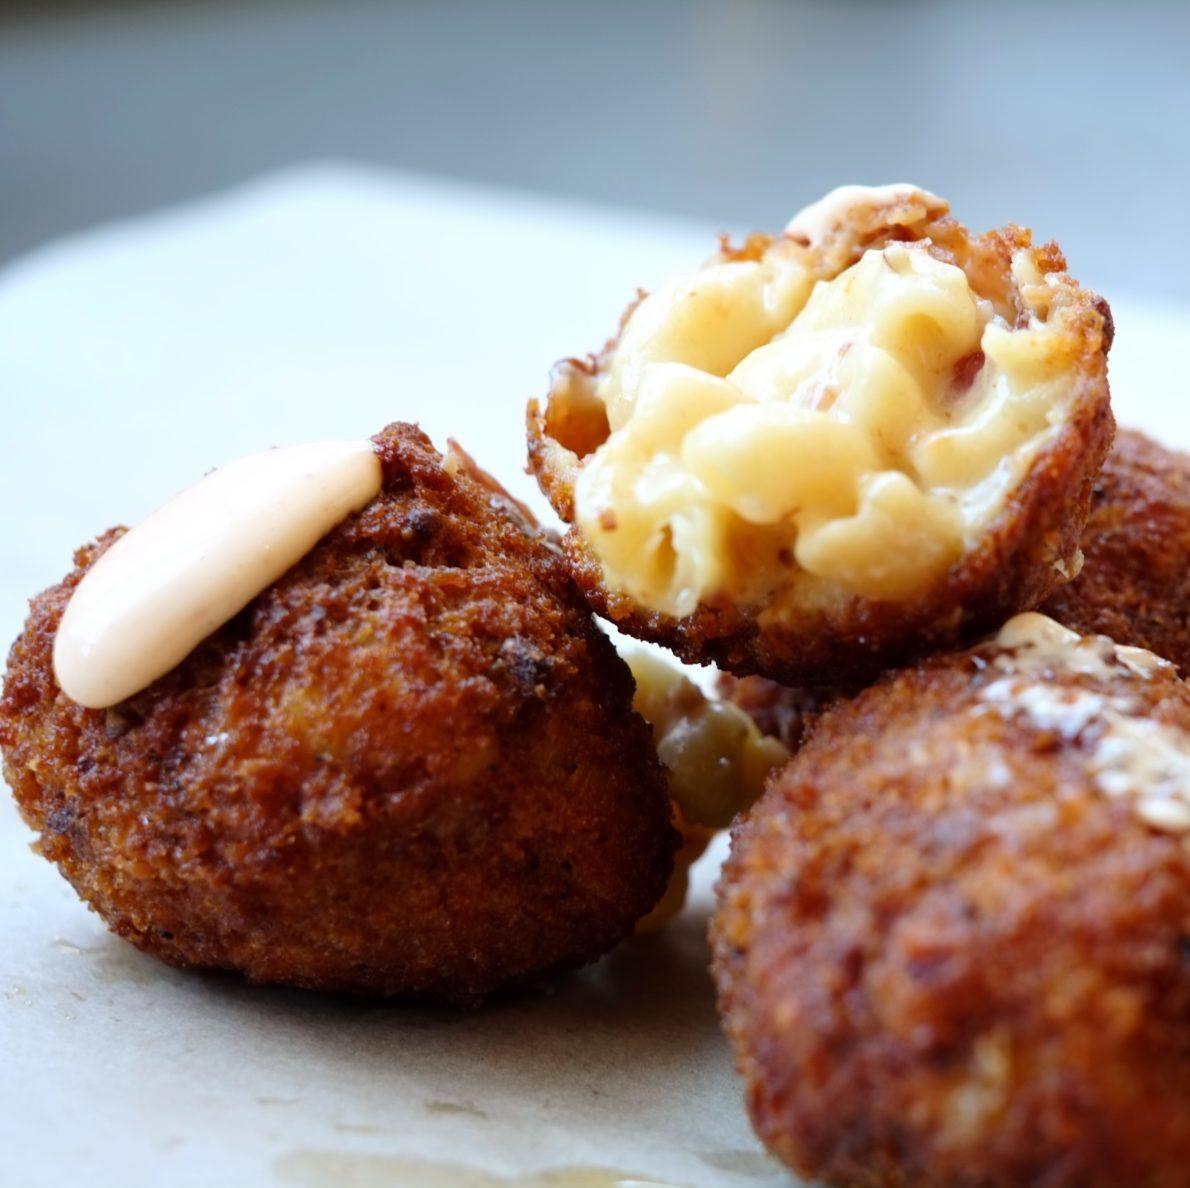 The Bacon Mac & Cheese Balls